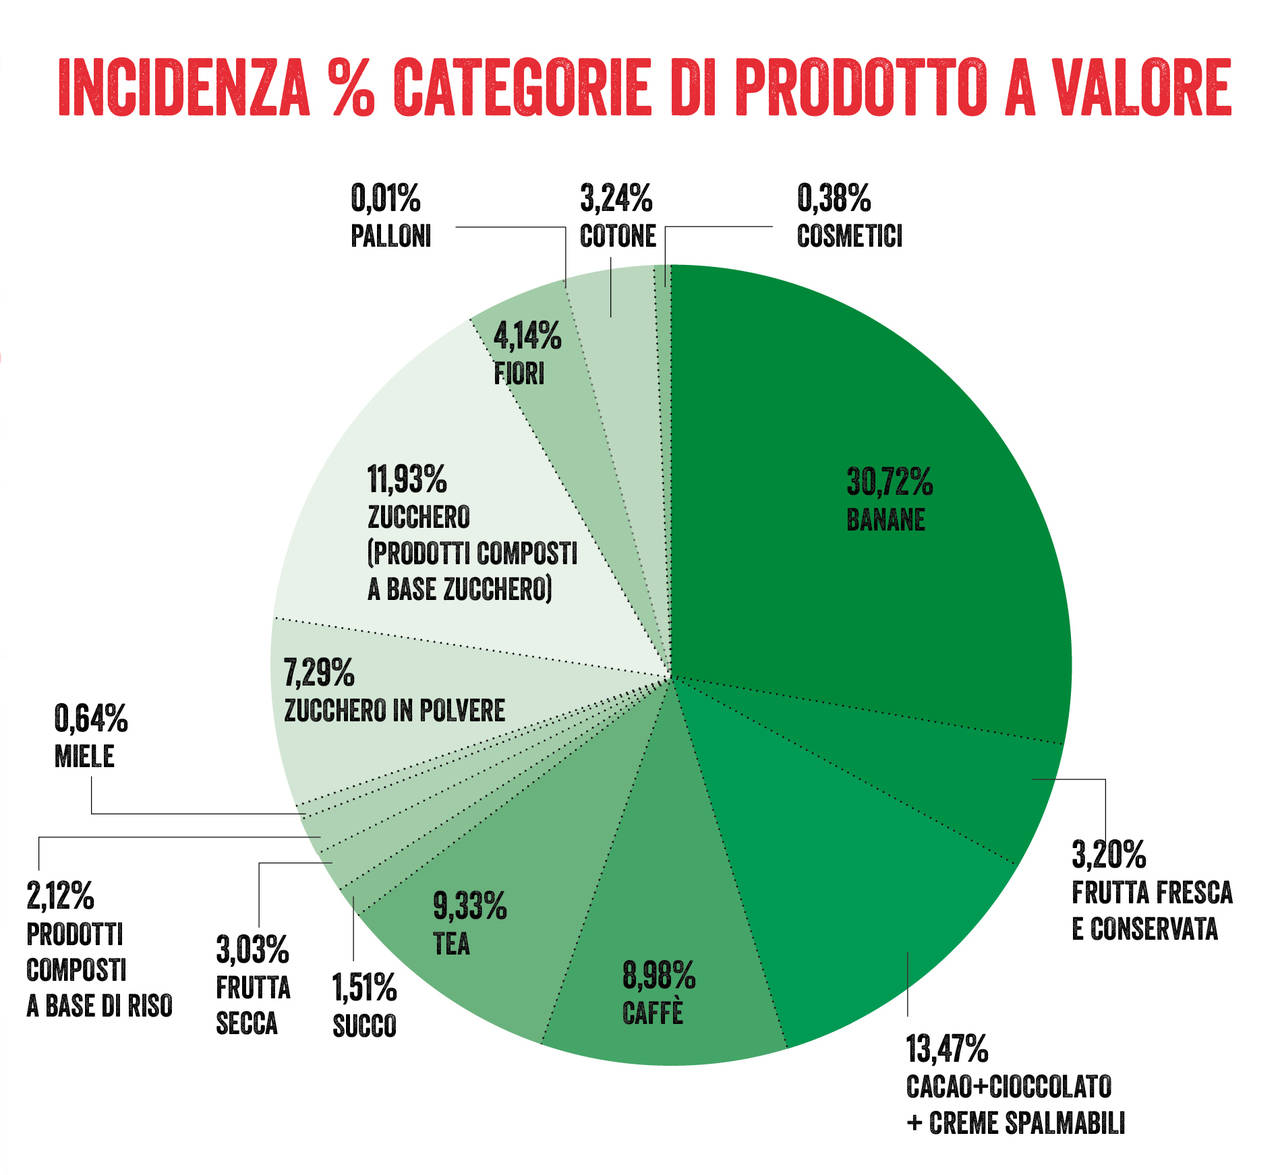 incidenza_cat_prodotti_Fairtrade